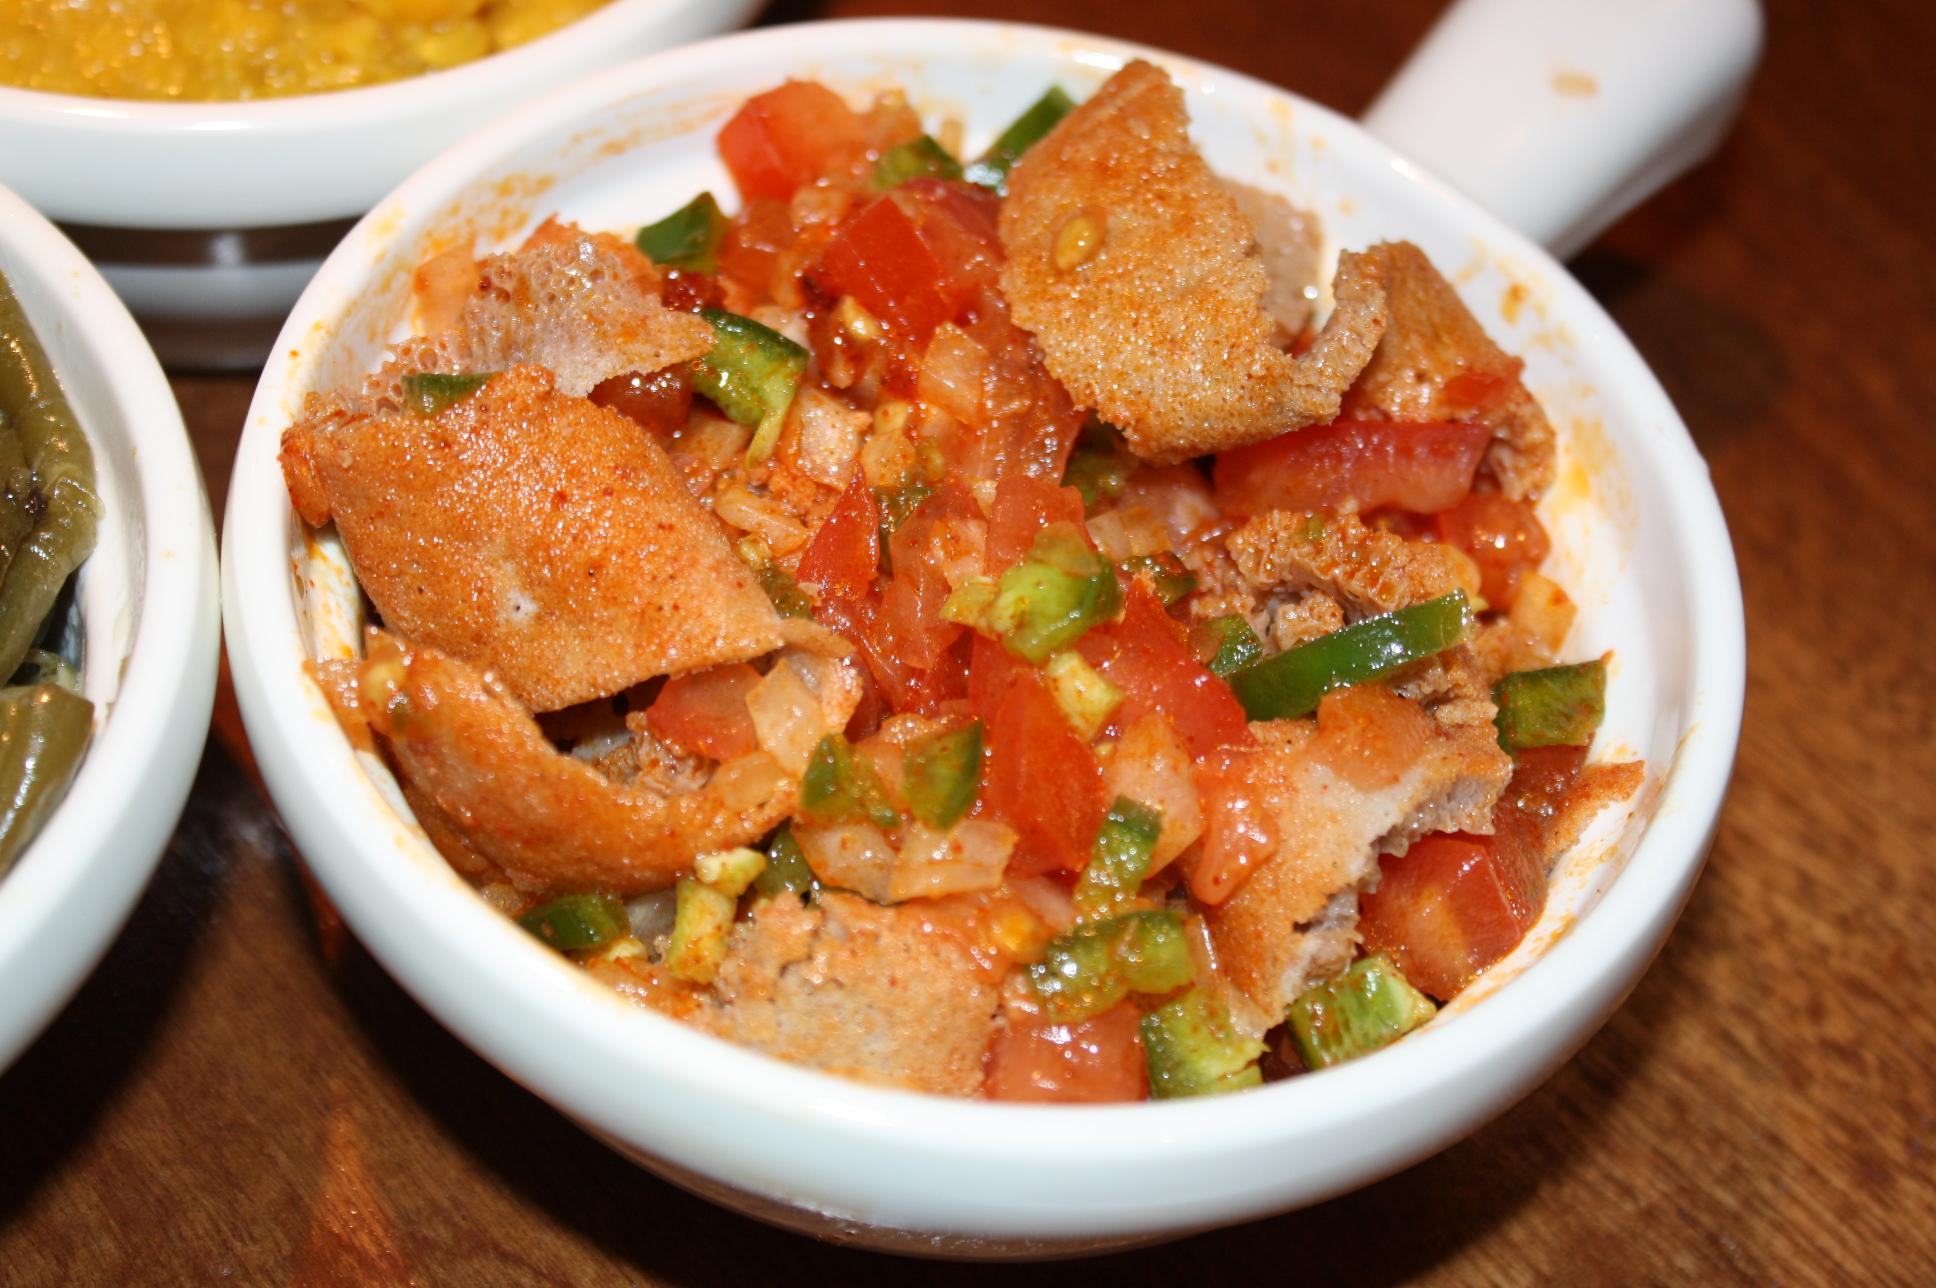 የቲማቲም ፍትፍት YeTiMaTiM FiTFiT @ Benyam Ethiopian Cuisine